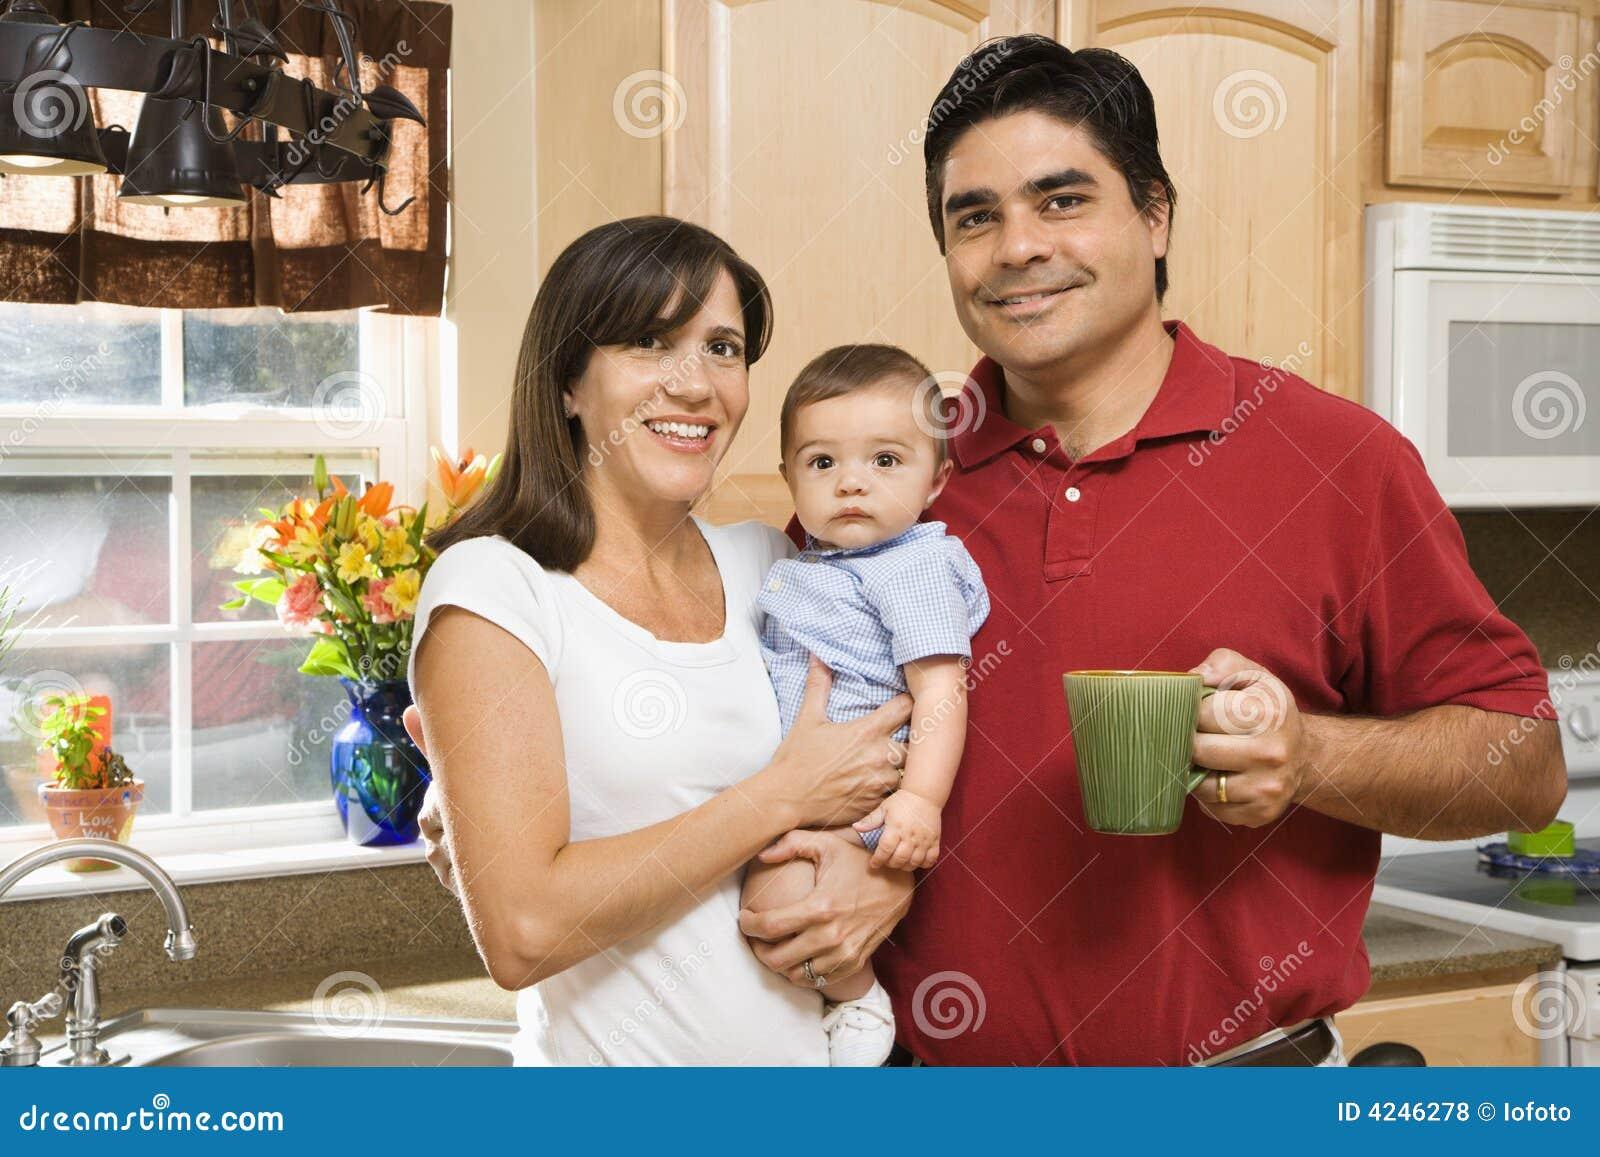 Familia en cocina.